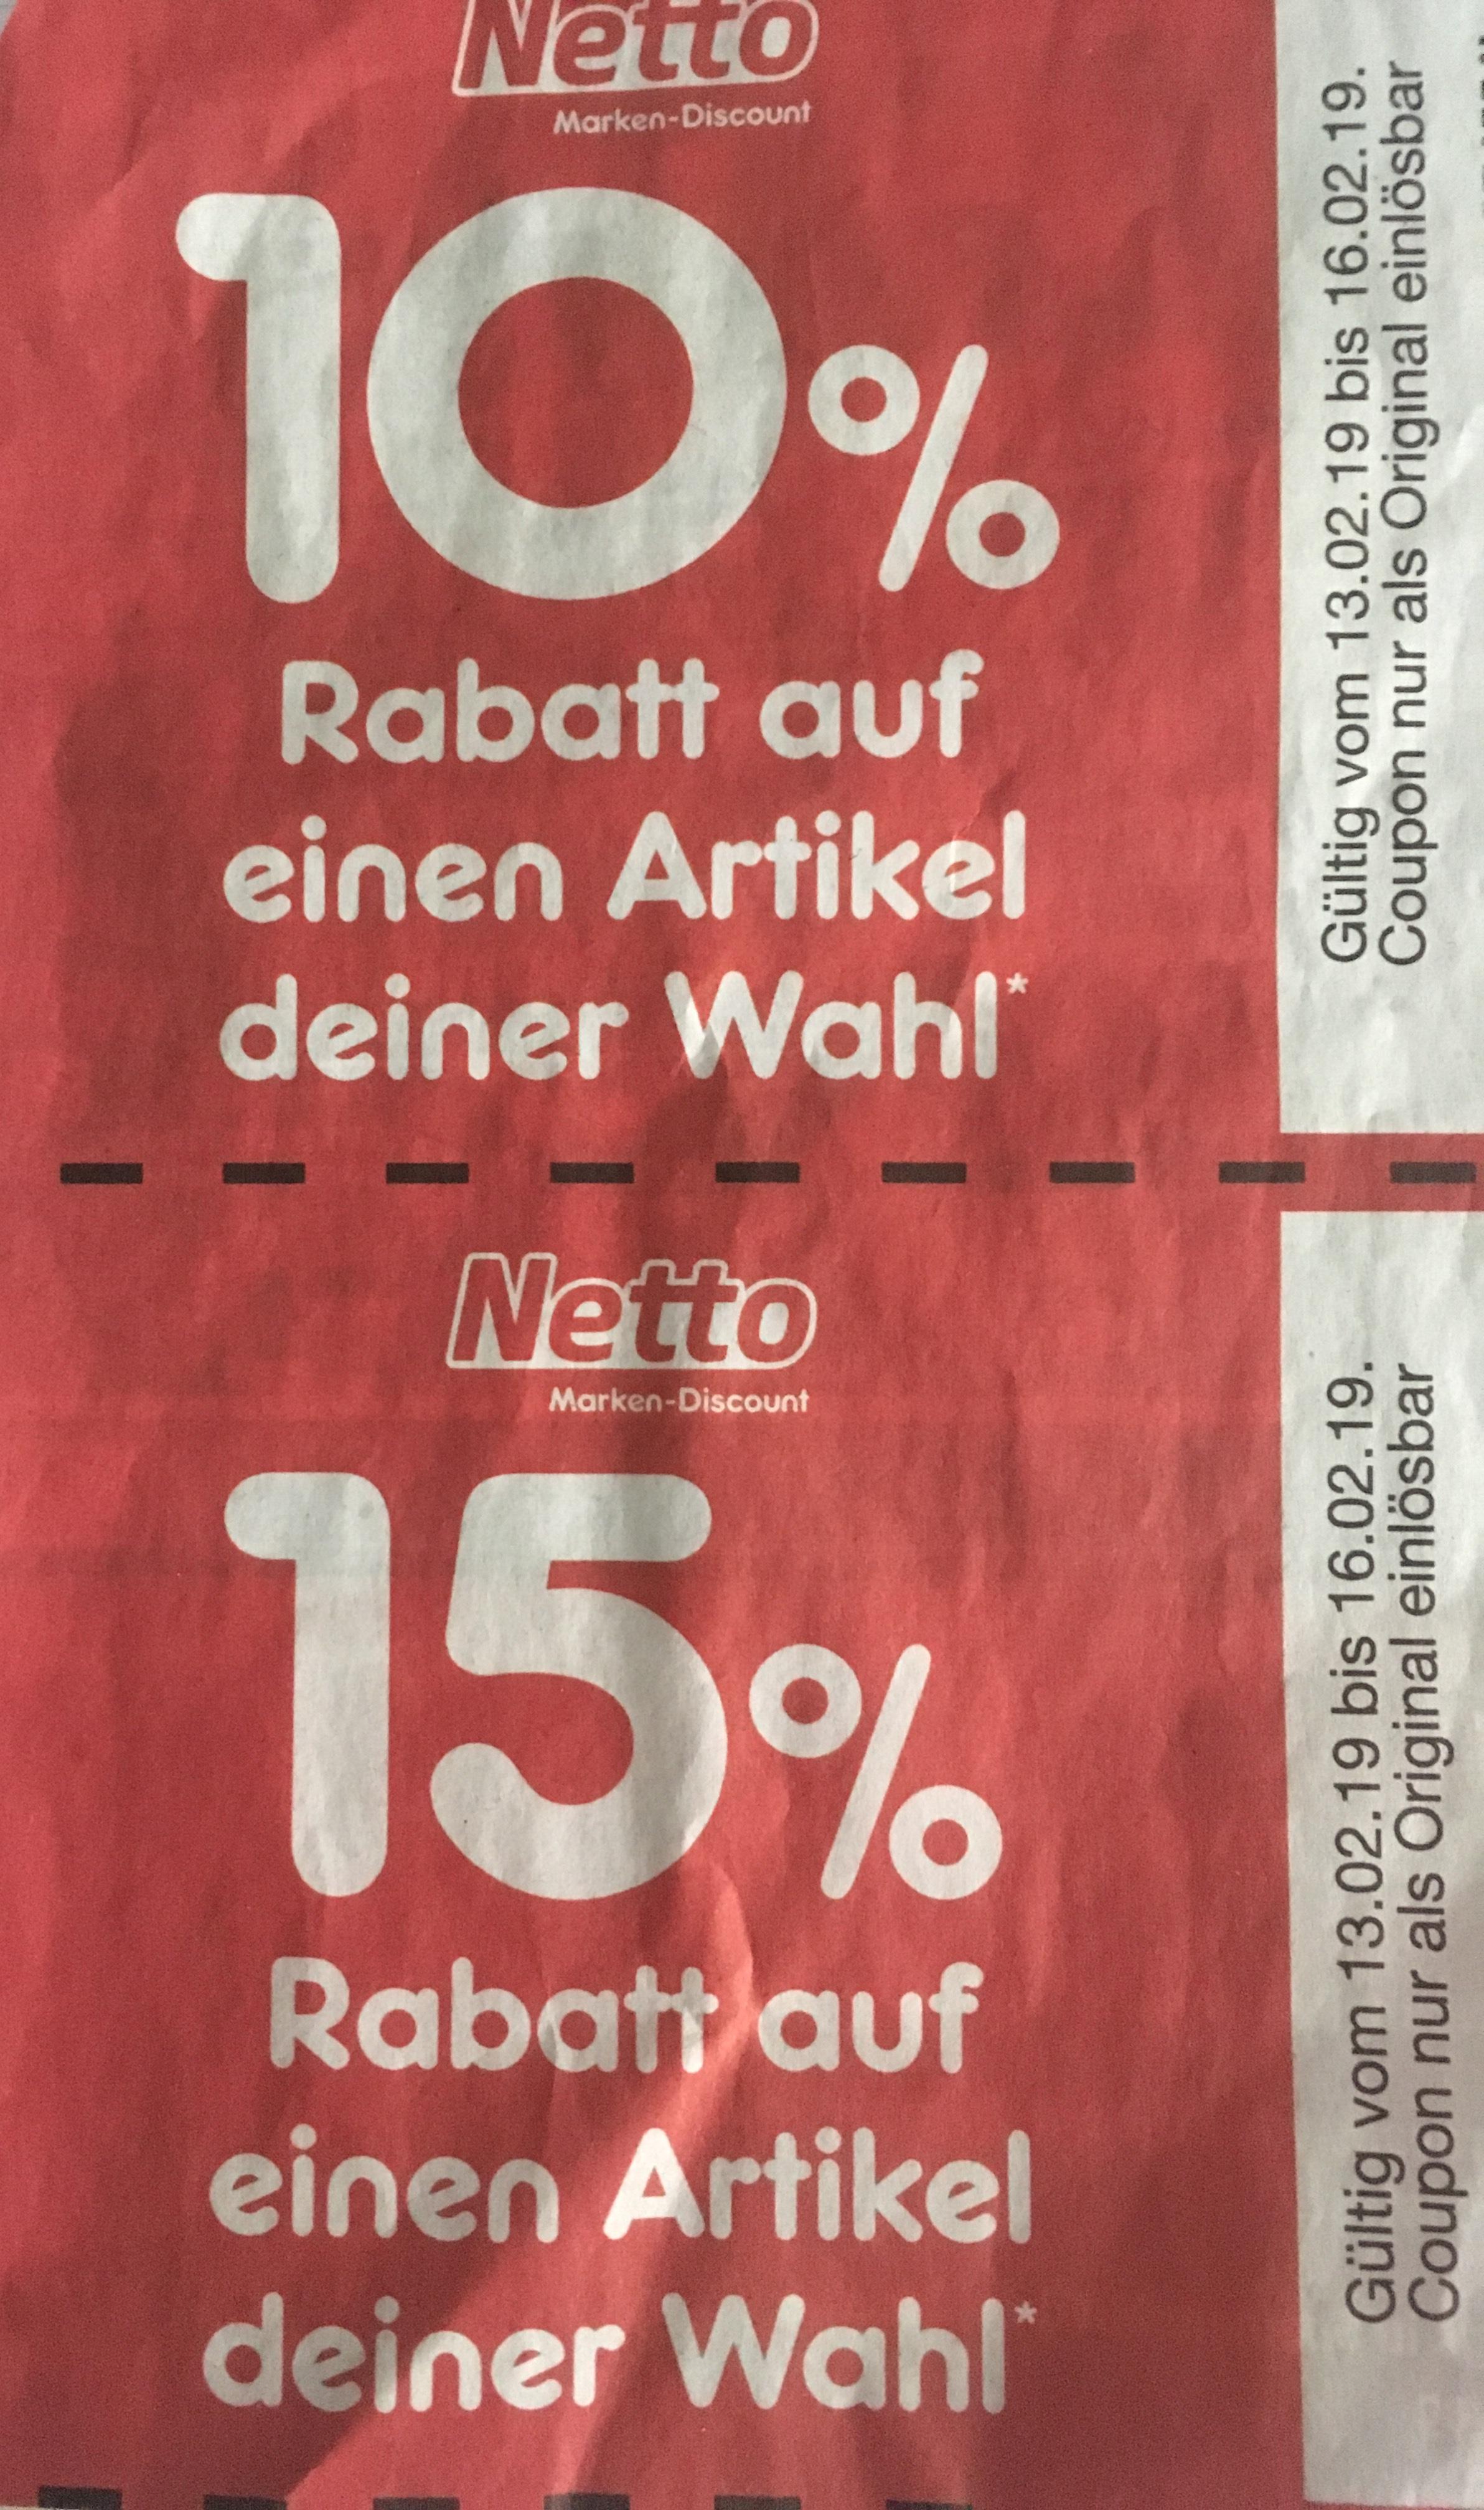 10% & 15% Netto MD Gutschein/ Coupon in der heutigen BILD mit Beispielen